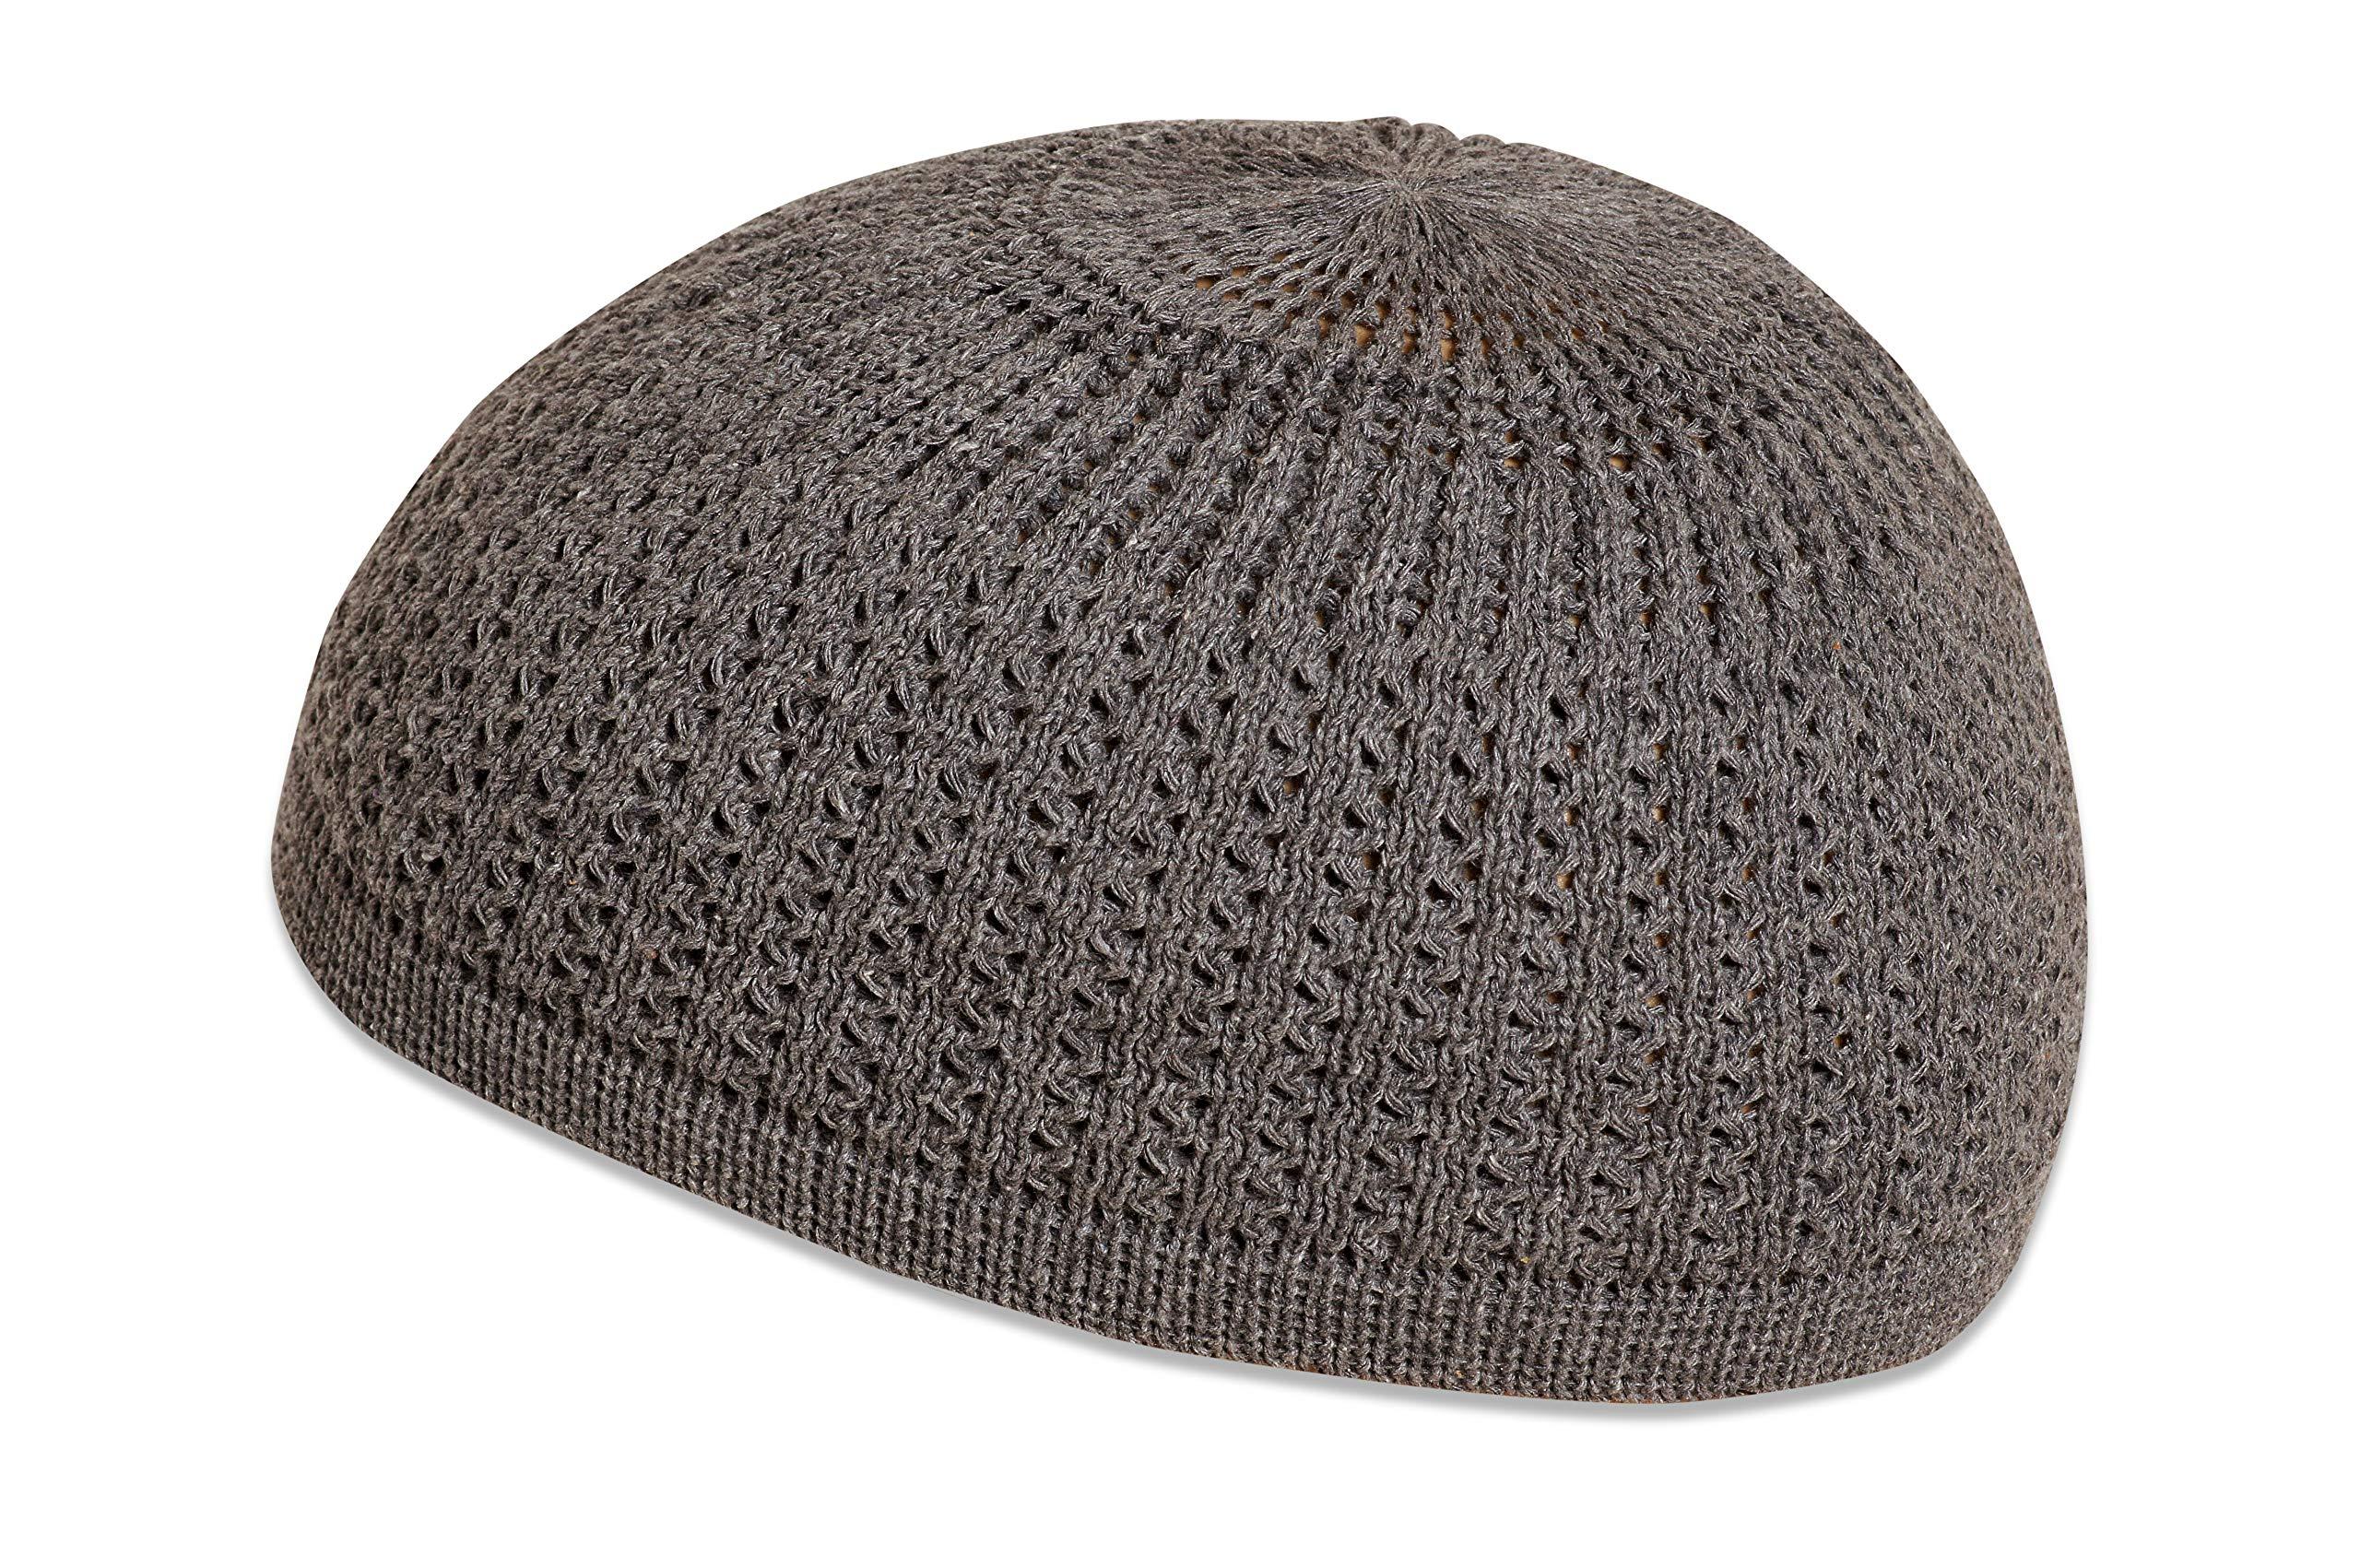 Mens Summer Kufi Skull Cap Cotton Skullcap Muslim Prayer Hat Tight Fit Beanie